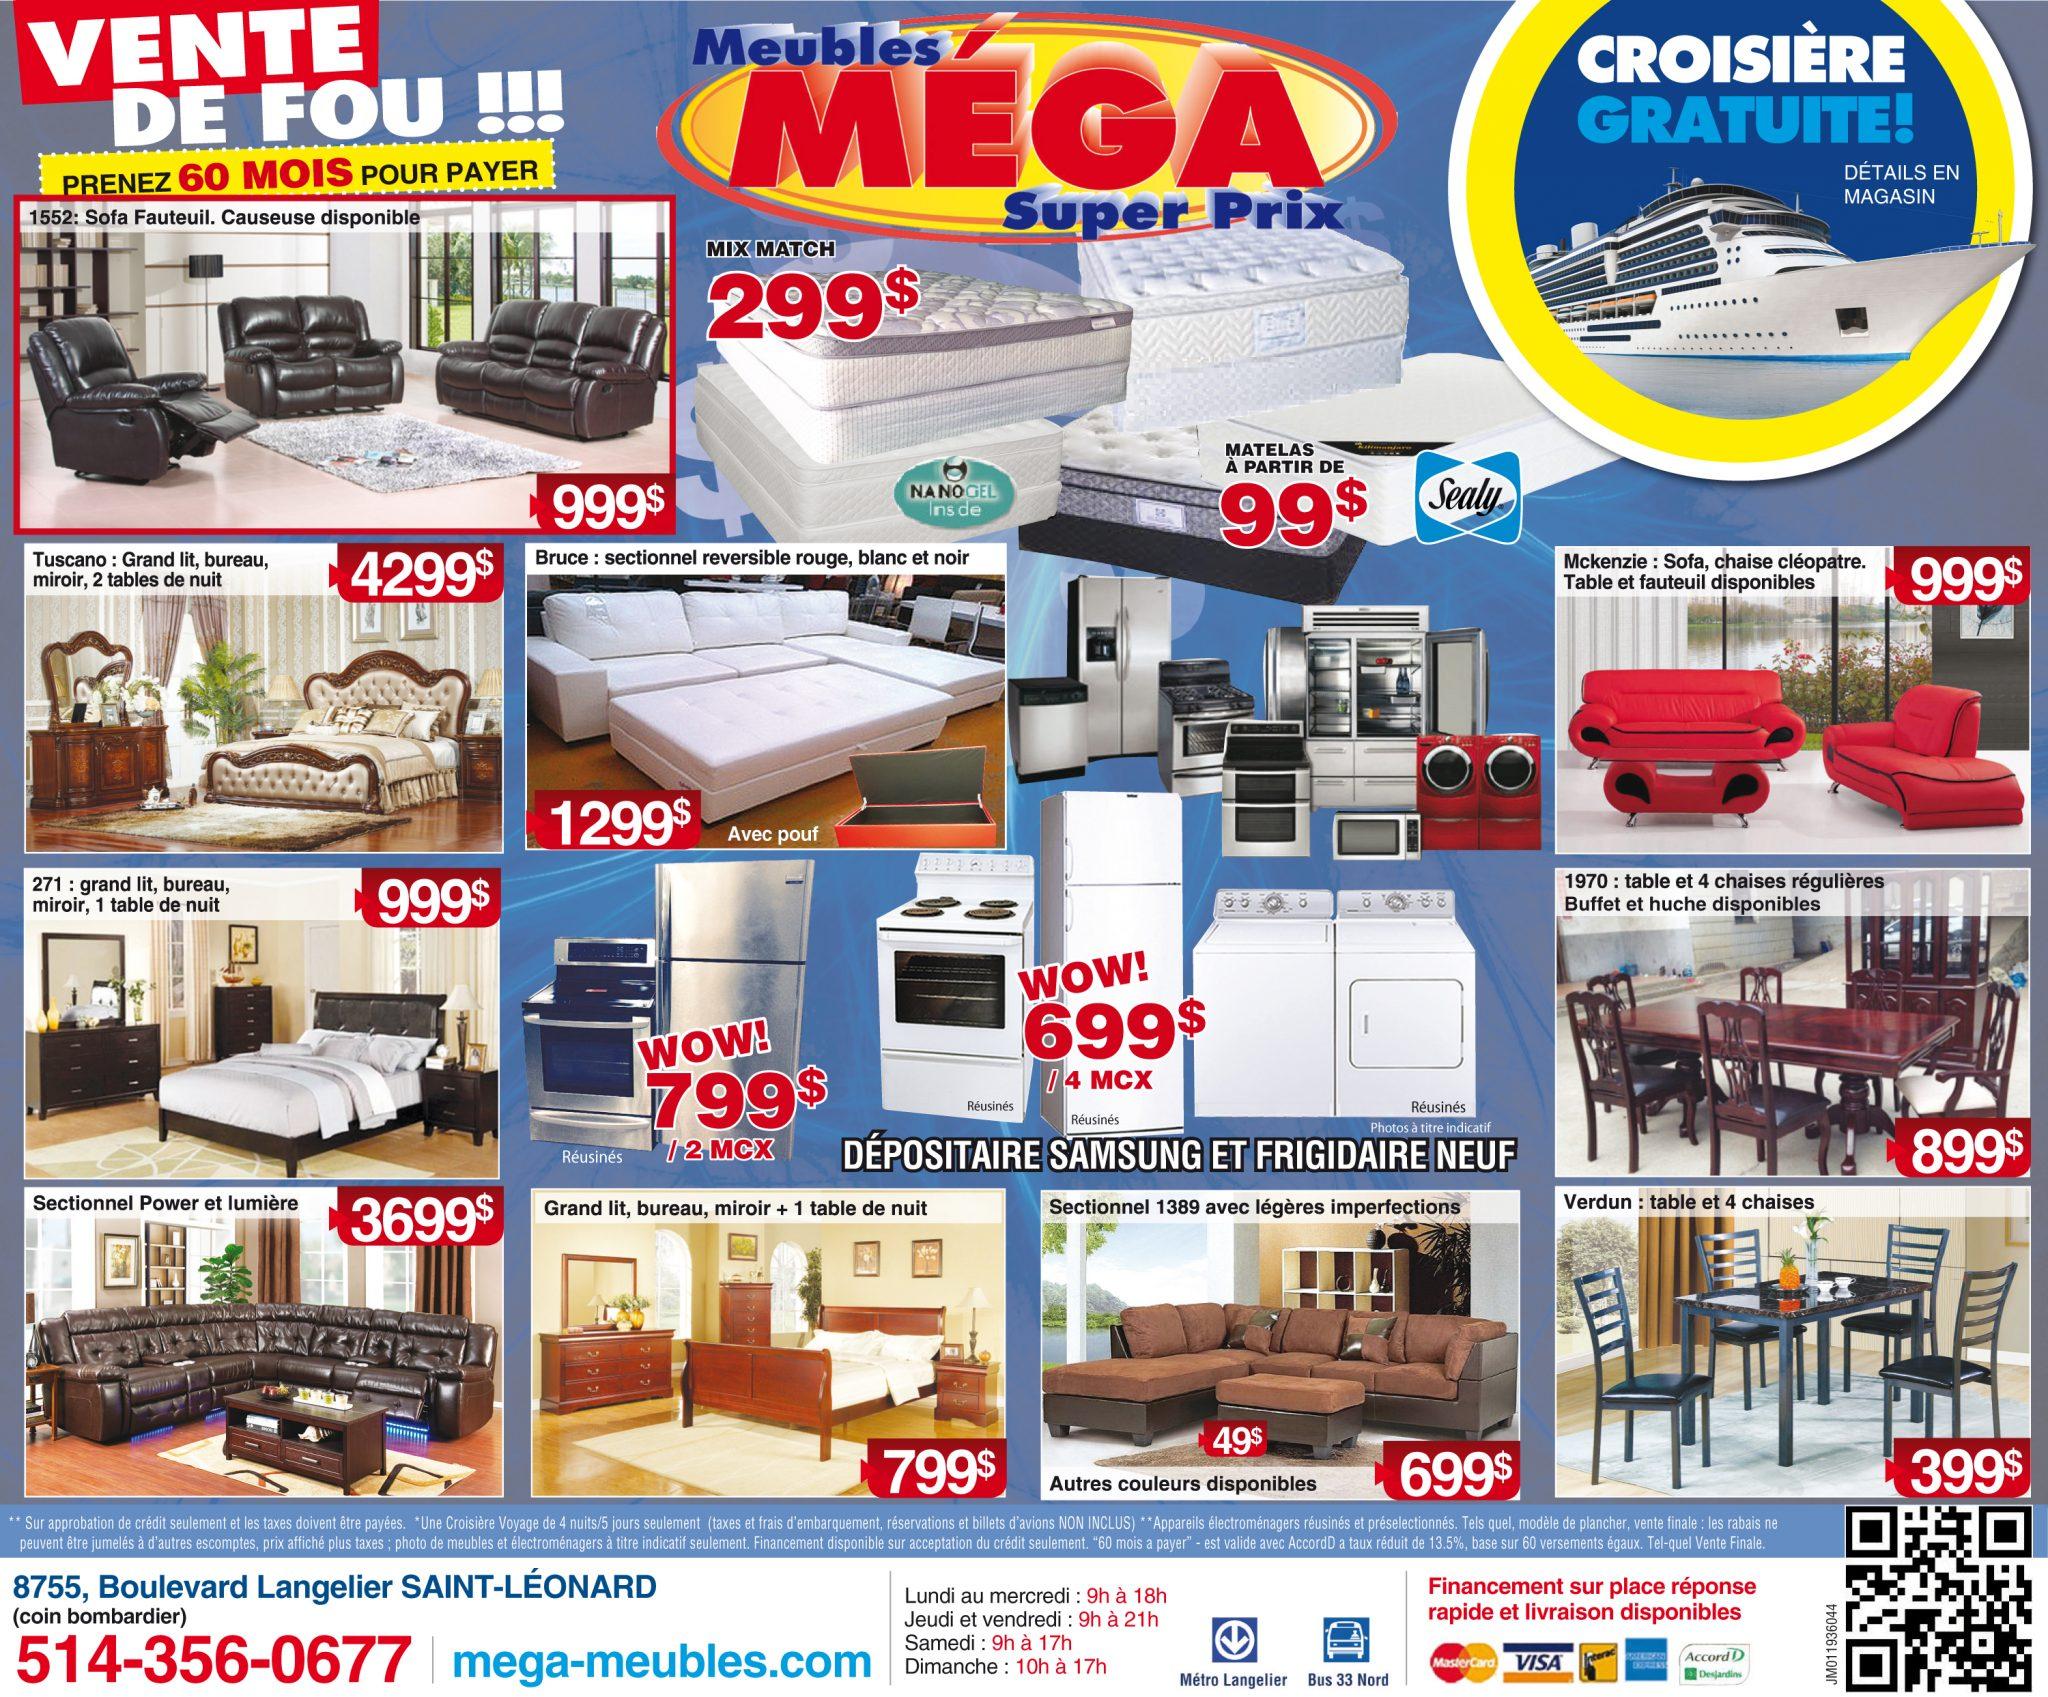 #B71421 Meuble Archives Page 2 Sur 2 Le Monde De Léa 3891 salle a manger pas cher montreal 2048x1697 px @ aertt.com